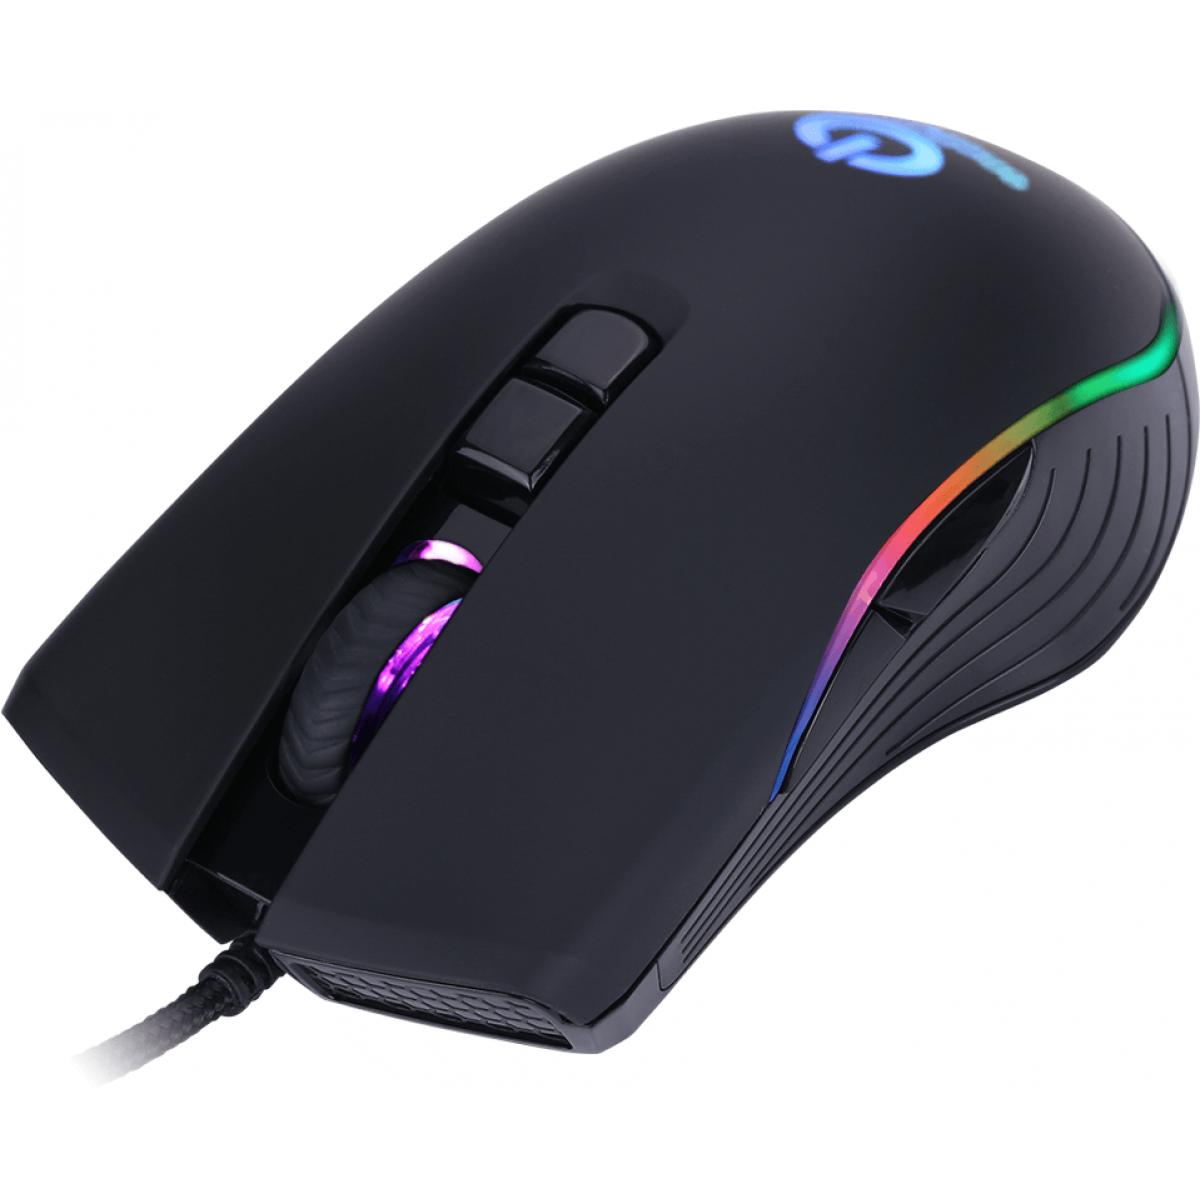 Mouse Gamer OnePower MO-505 RGB, 3200 DPI, 7 Botões Programáveis, Black